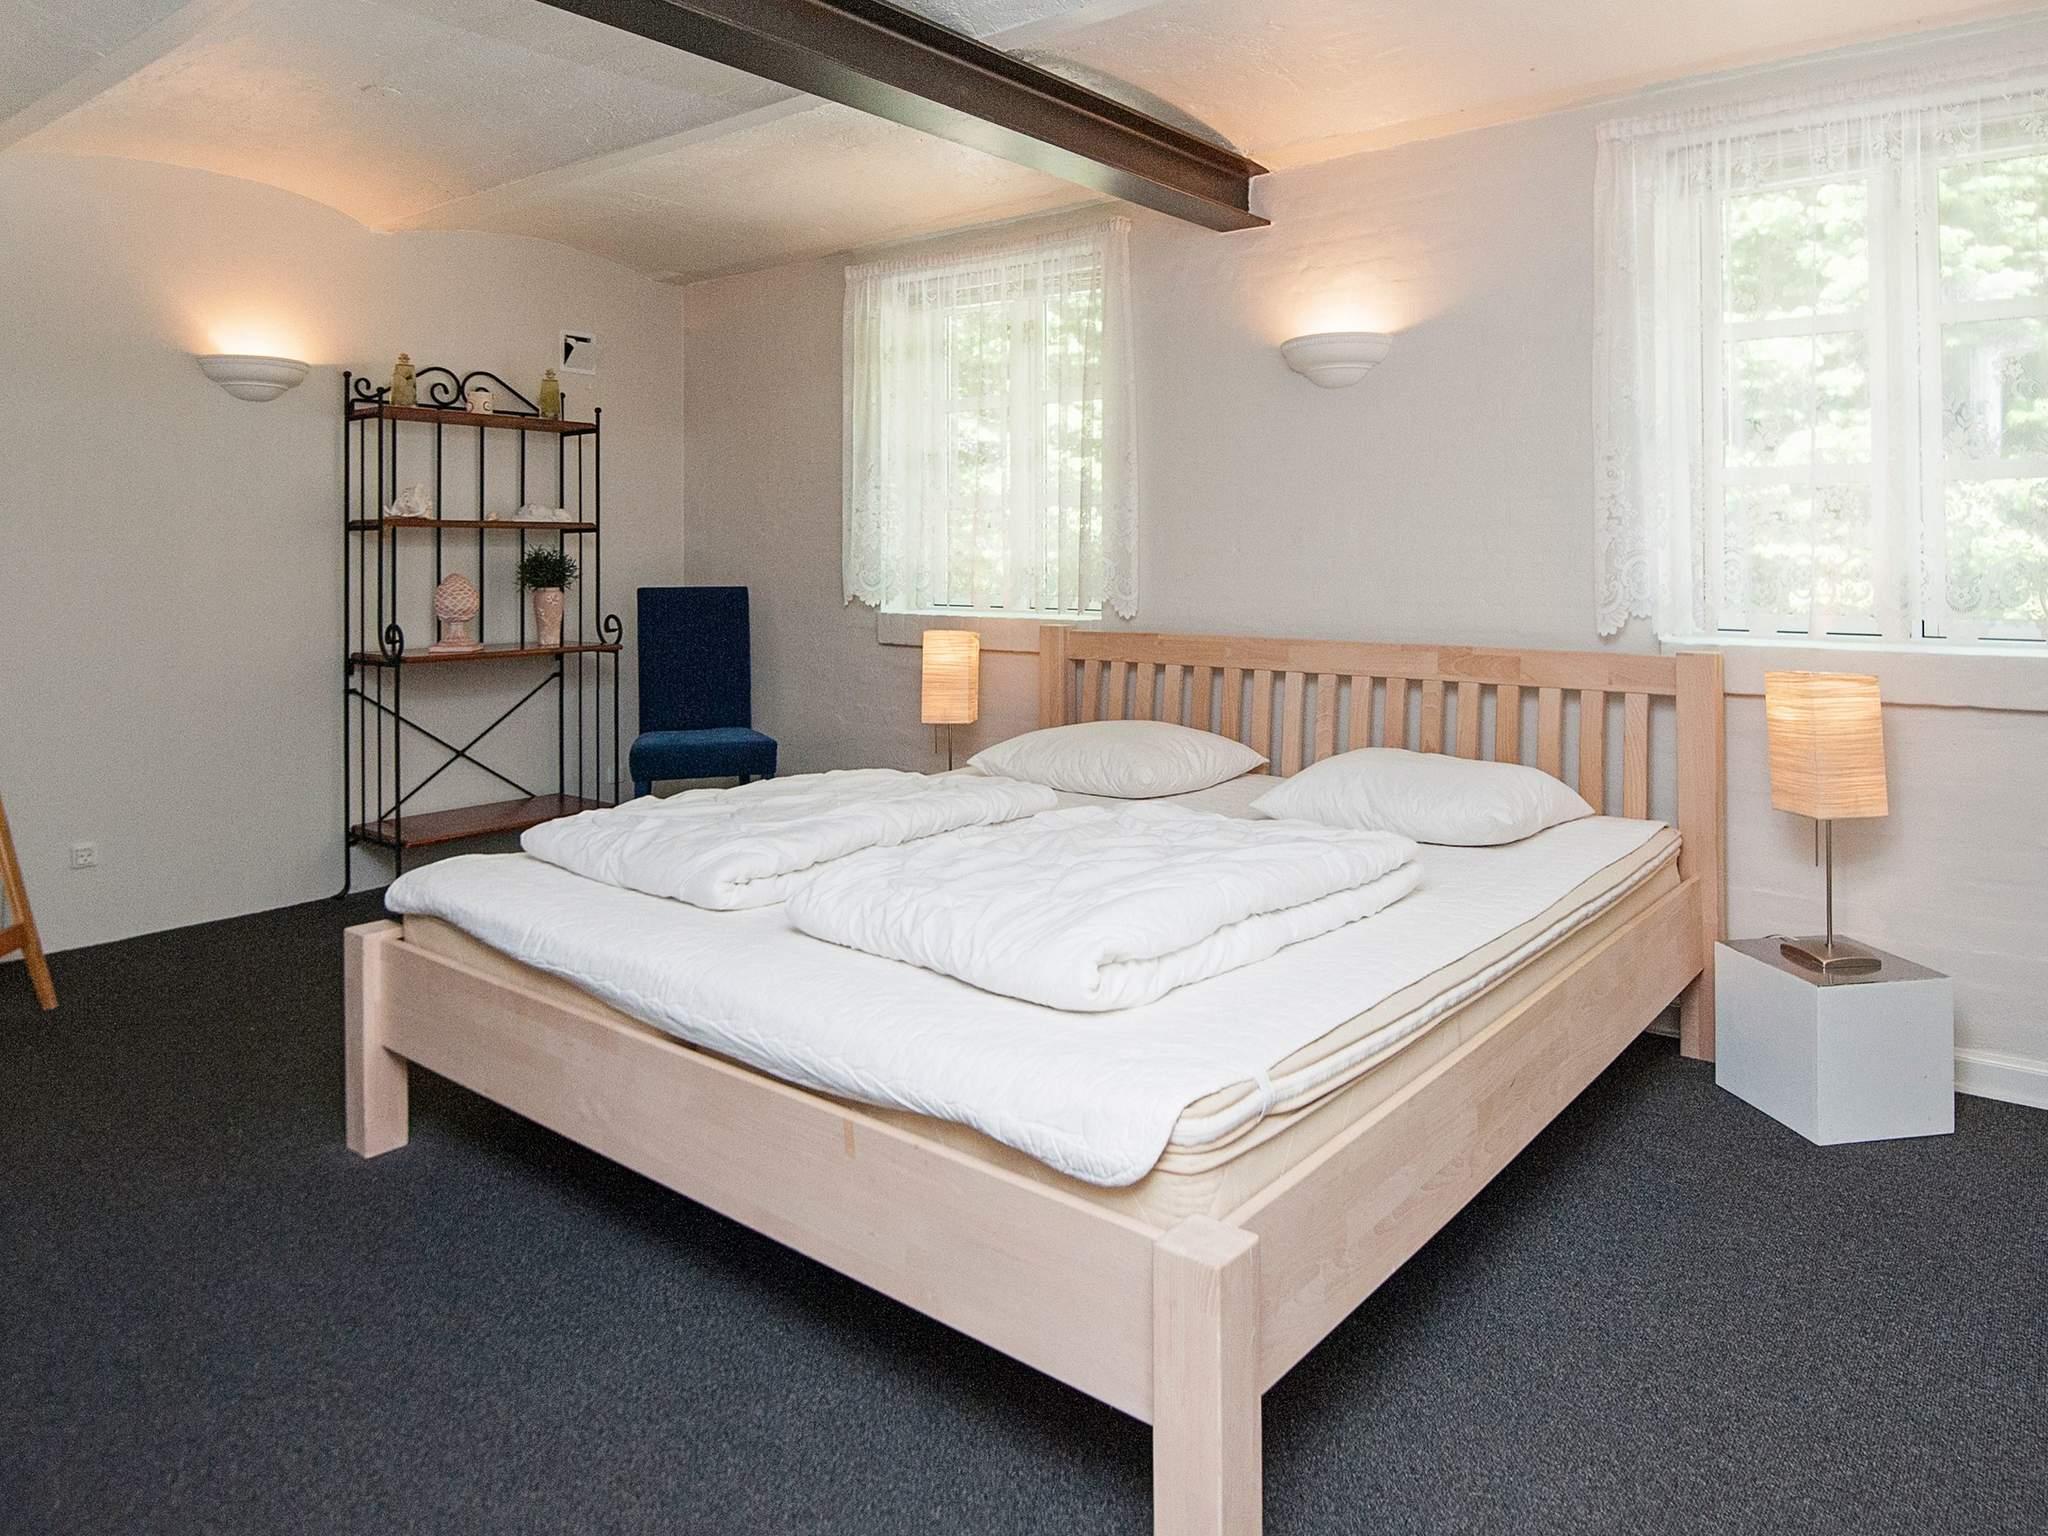 Ferienhaus St. Darum (86425), Bramming, , Südwestjütland, Dänemark, Bild 15